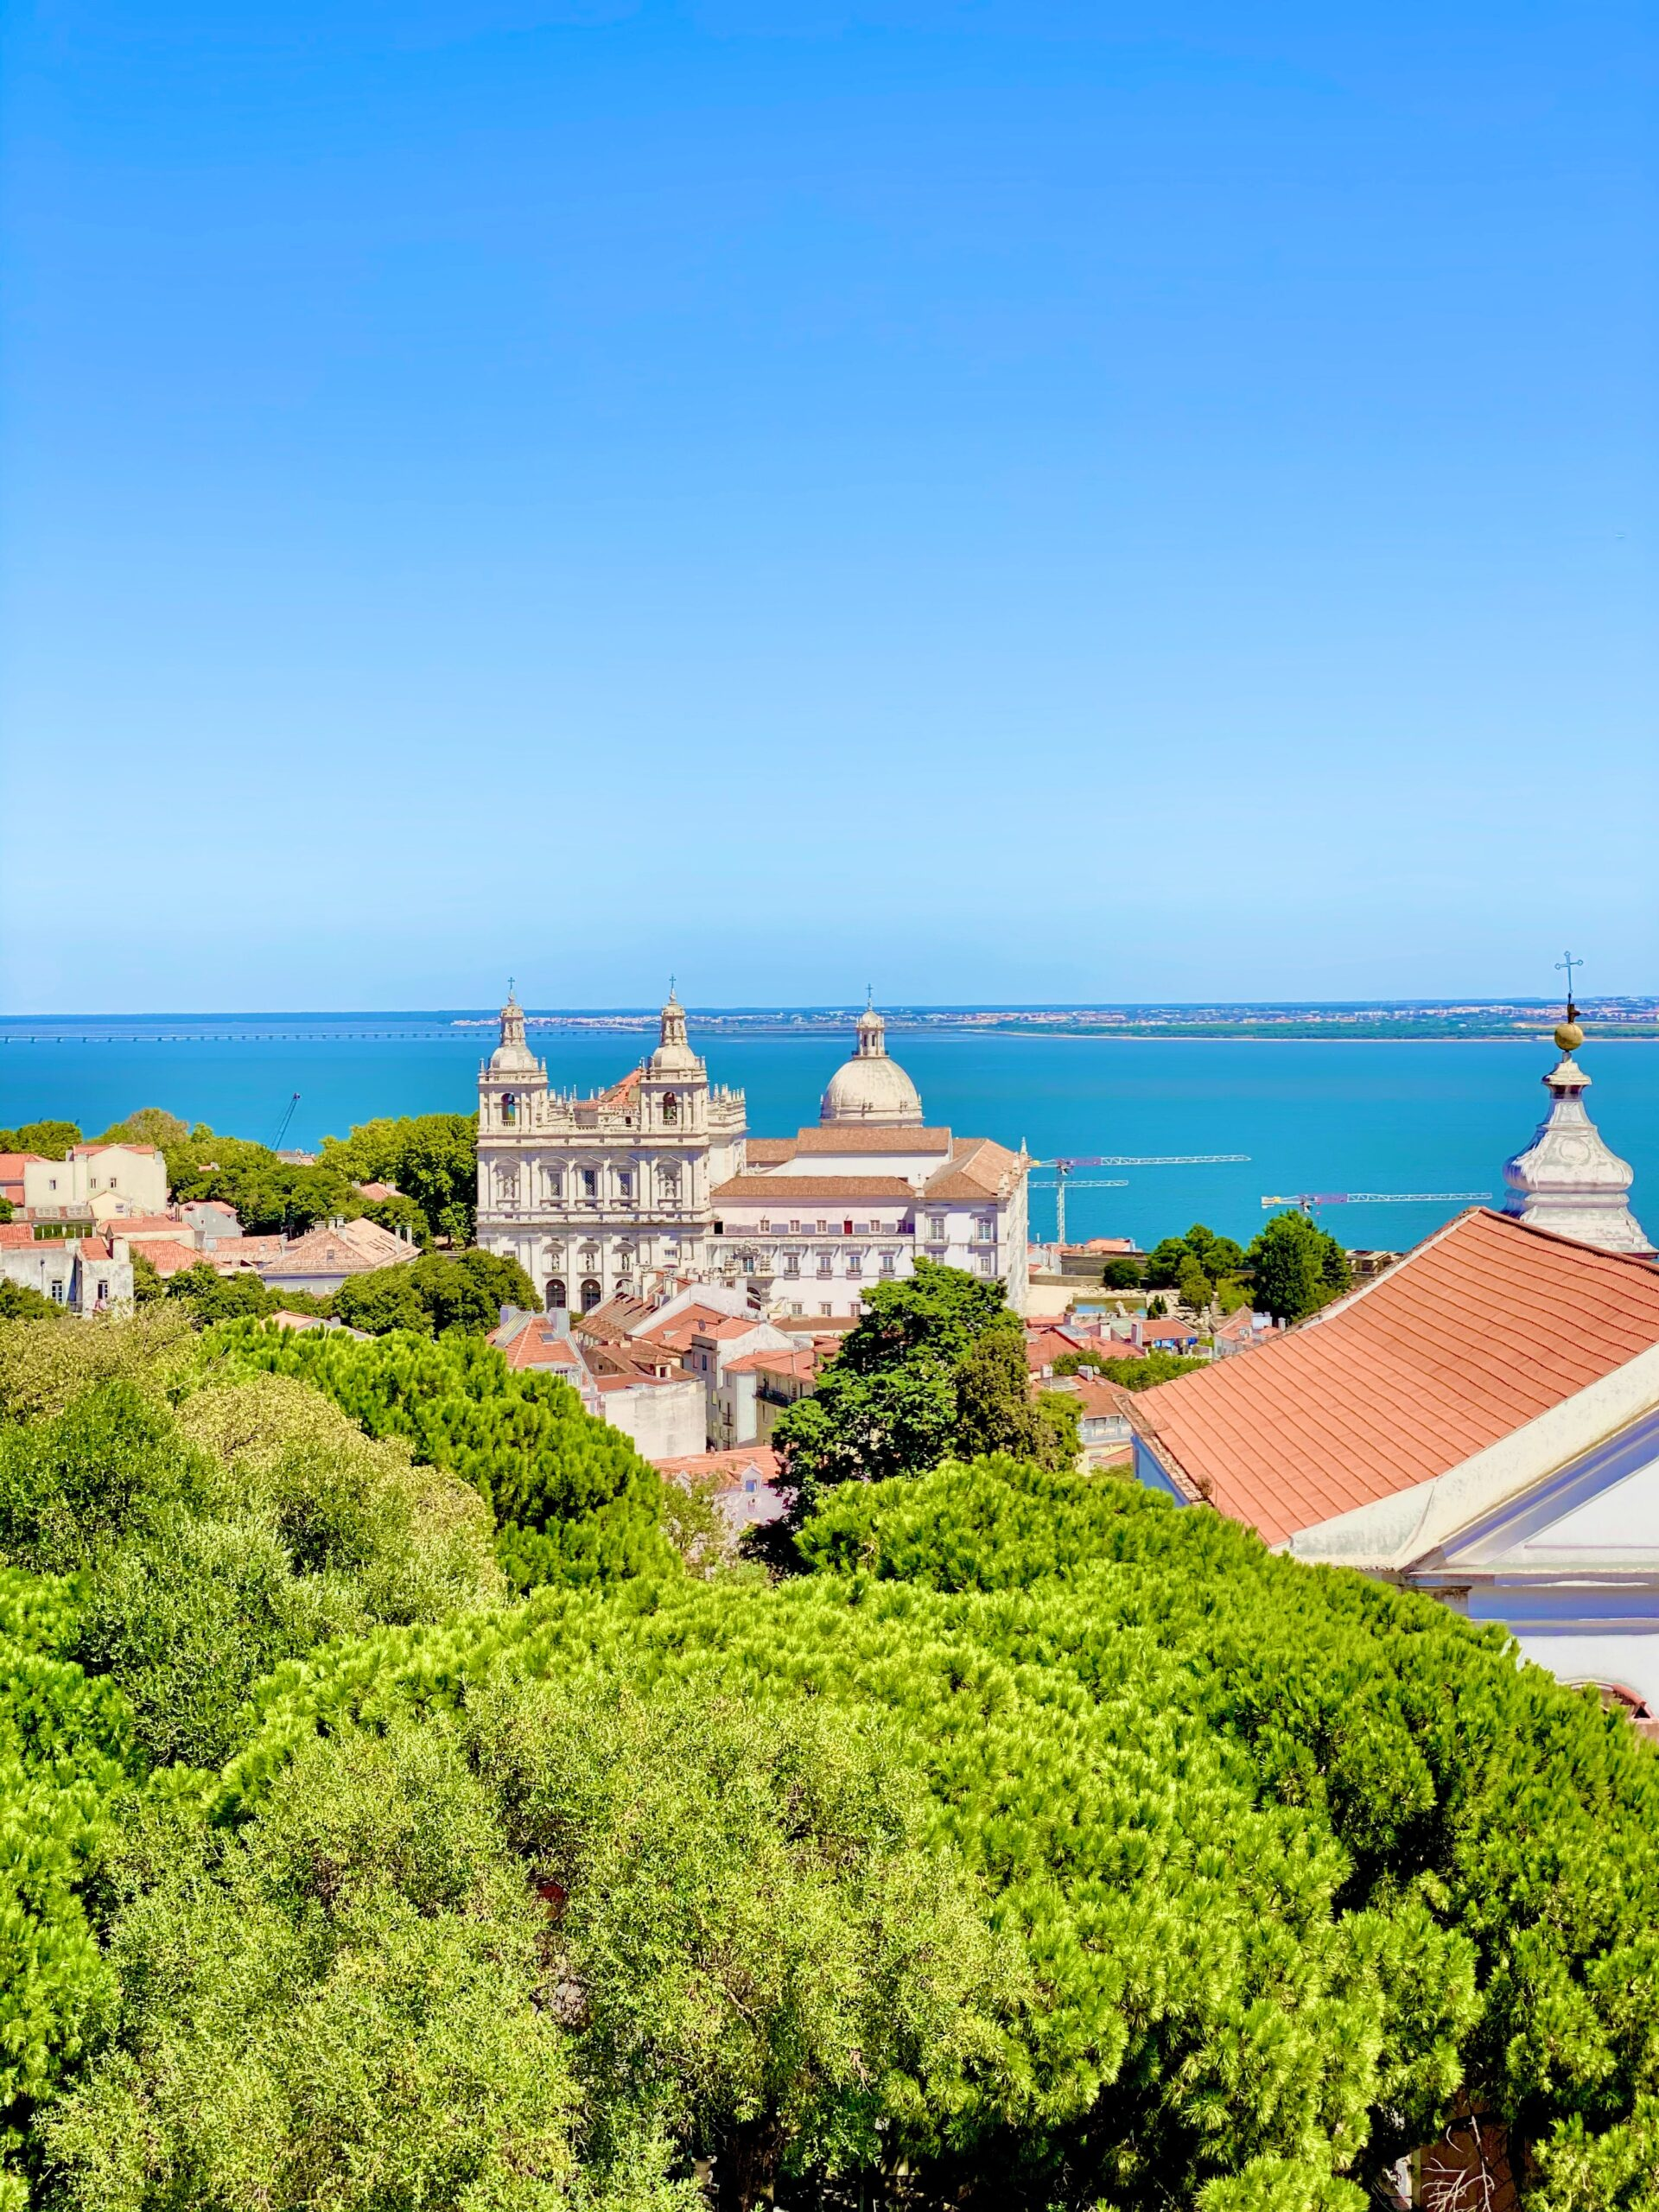 Portugal's Golden Visa Program extended to January 2022